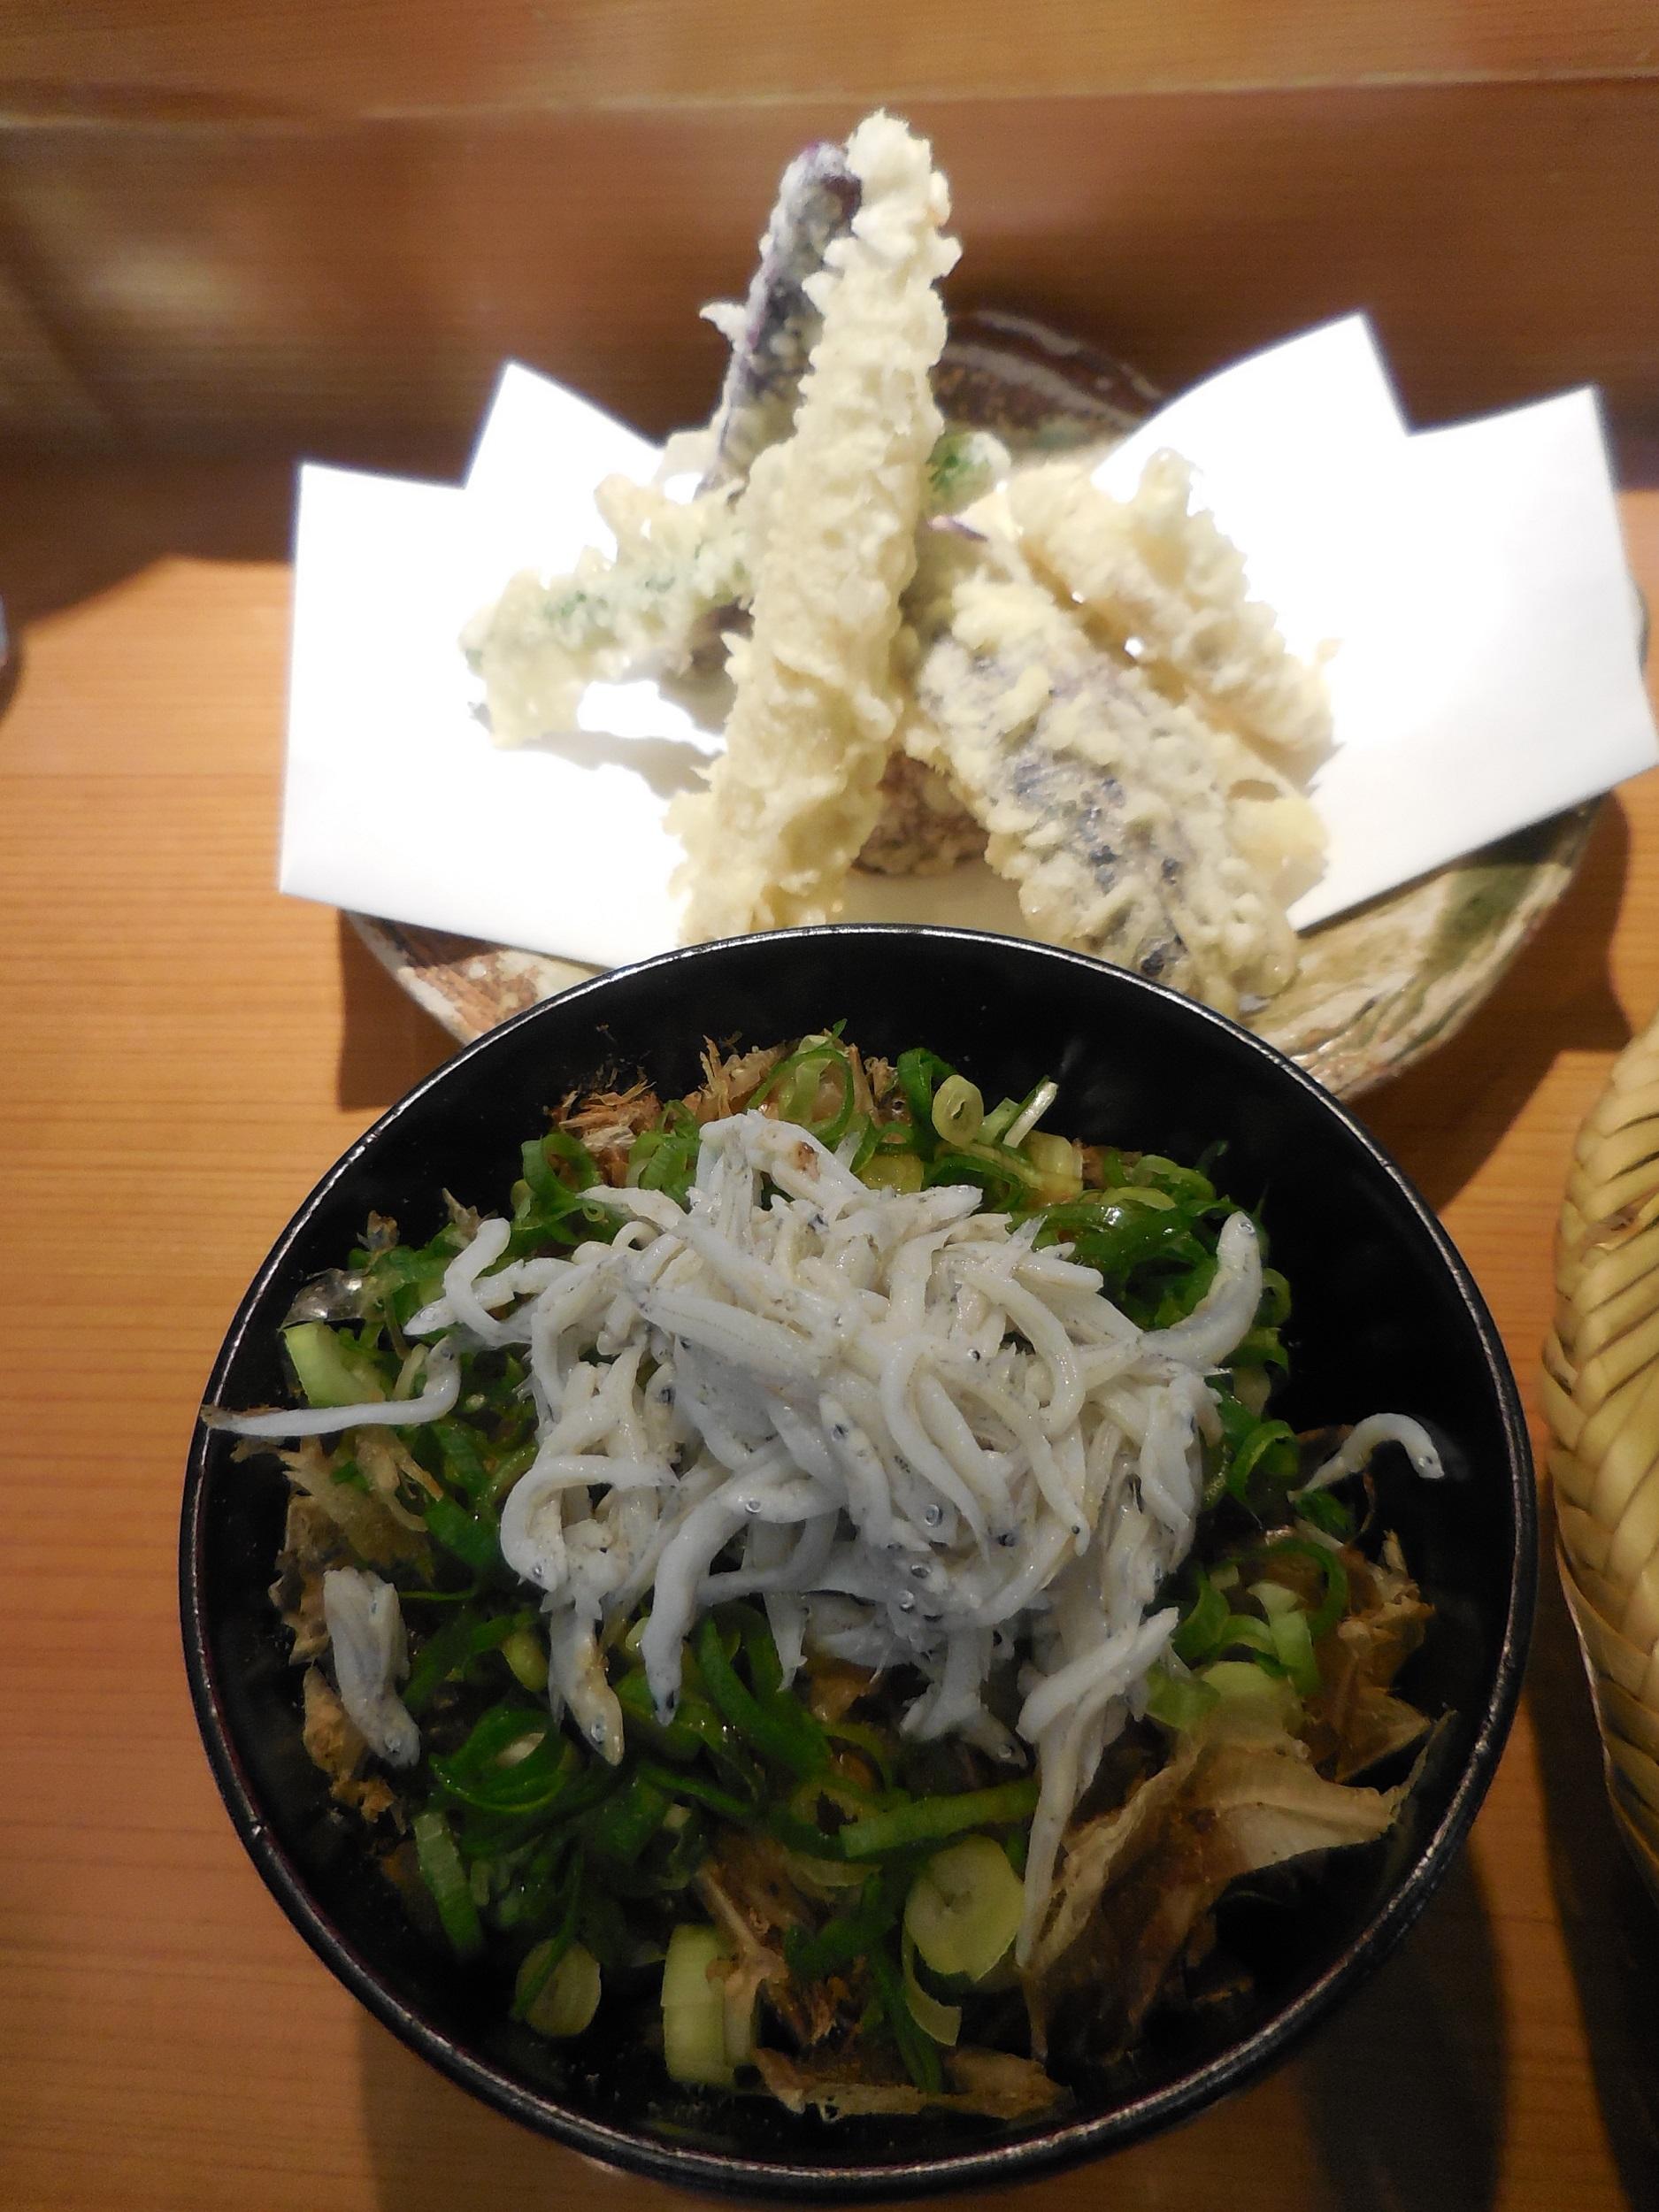 時短&簡単、お弁当にも役立つ常備菜レシピ! 『東京ディズニーシー』のソアリンがヒット【今週のモアハピ部人気ランキング】_3_1